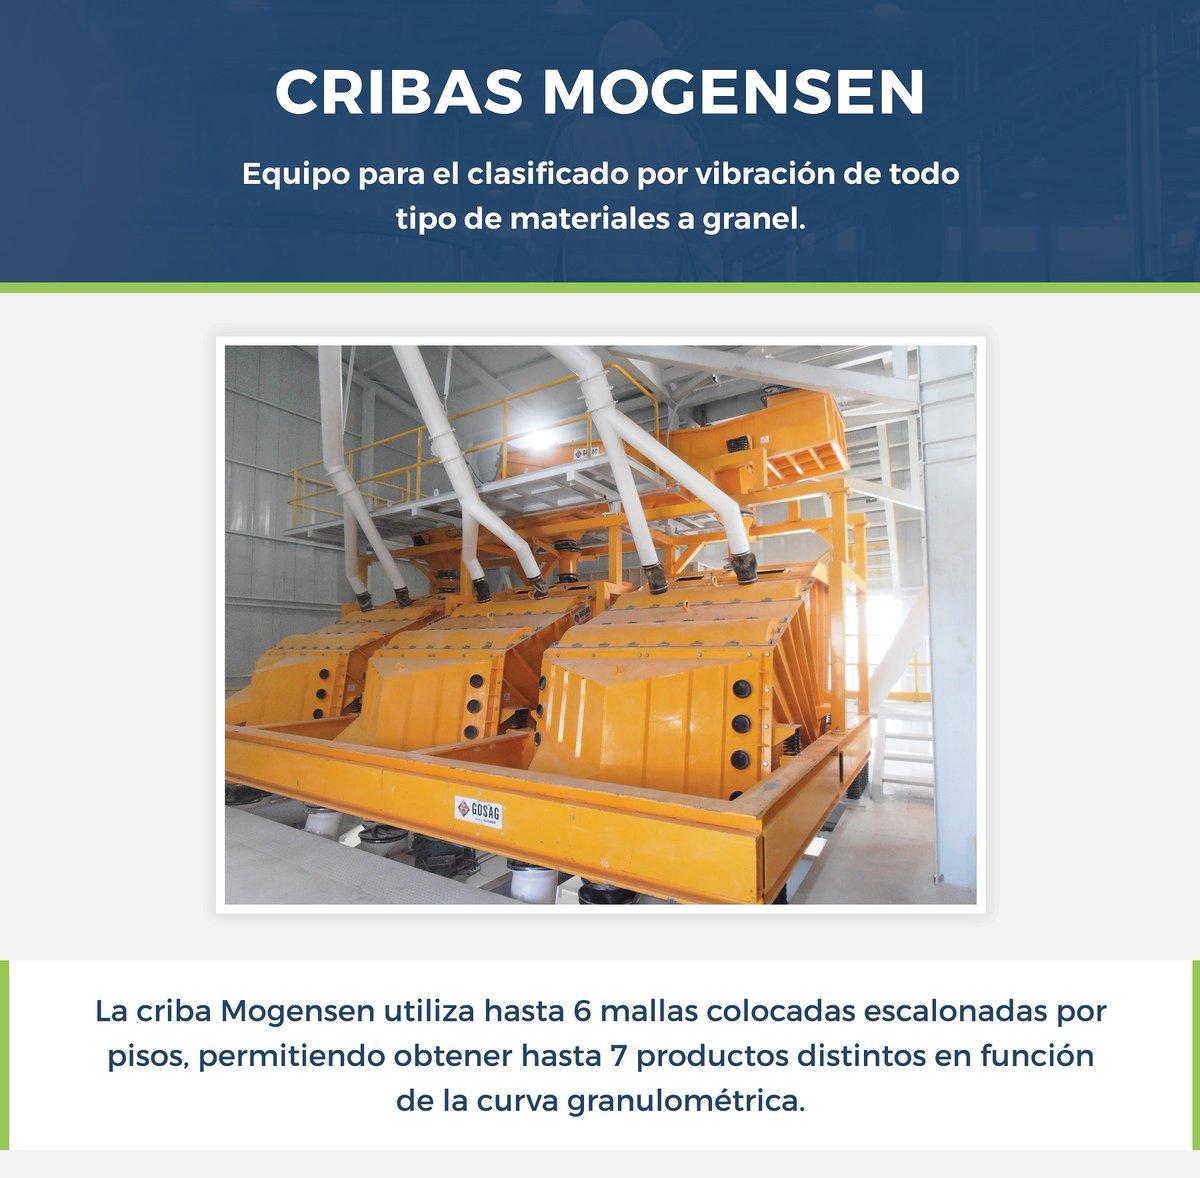 Las #Cribas #Mogensen son máquinas de cribado potentes y flexibles para el tratamiento de sólidos a granel en la industria de tecnología de procesos y cubren las necesidades de una amplia variedad de #sectores #industriales a nivel mundial.  Visítanos en https://t.co/MF4EBRz5tp https://t.co/LjcF6dgvaB